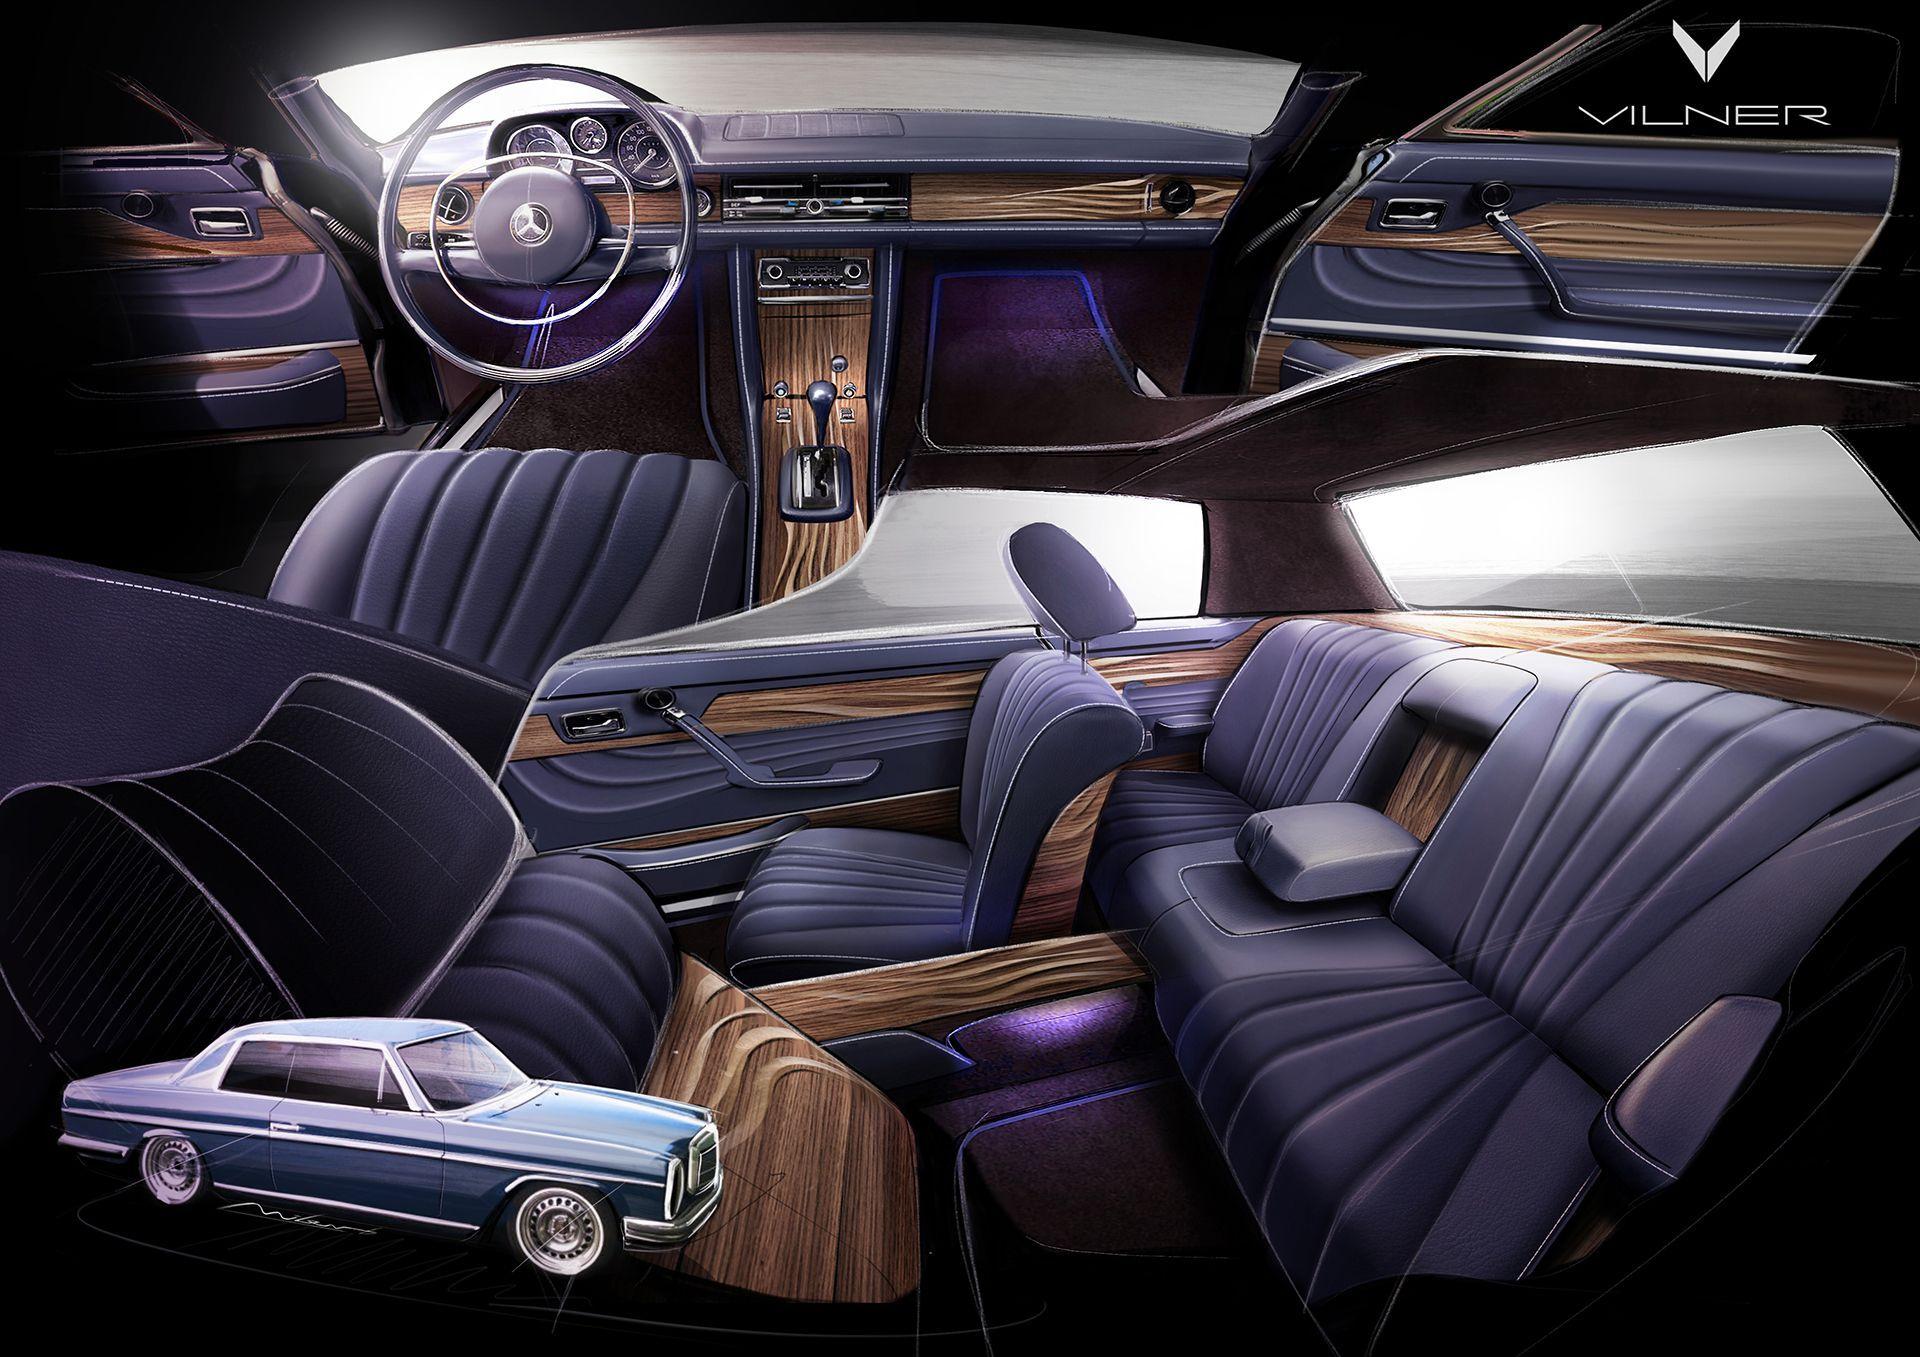 Vilner Mercedes W115 Coupe By Vilner With Images Mercedes